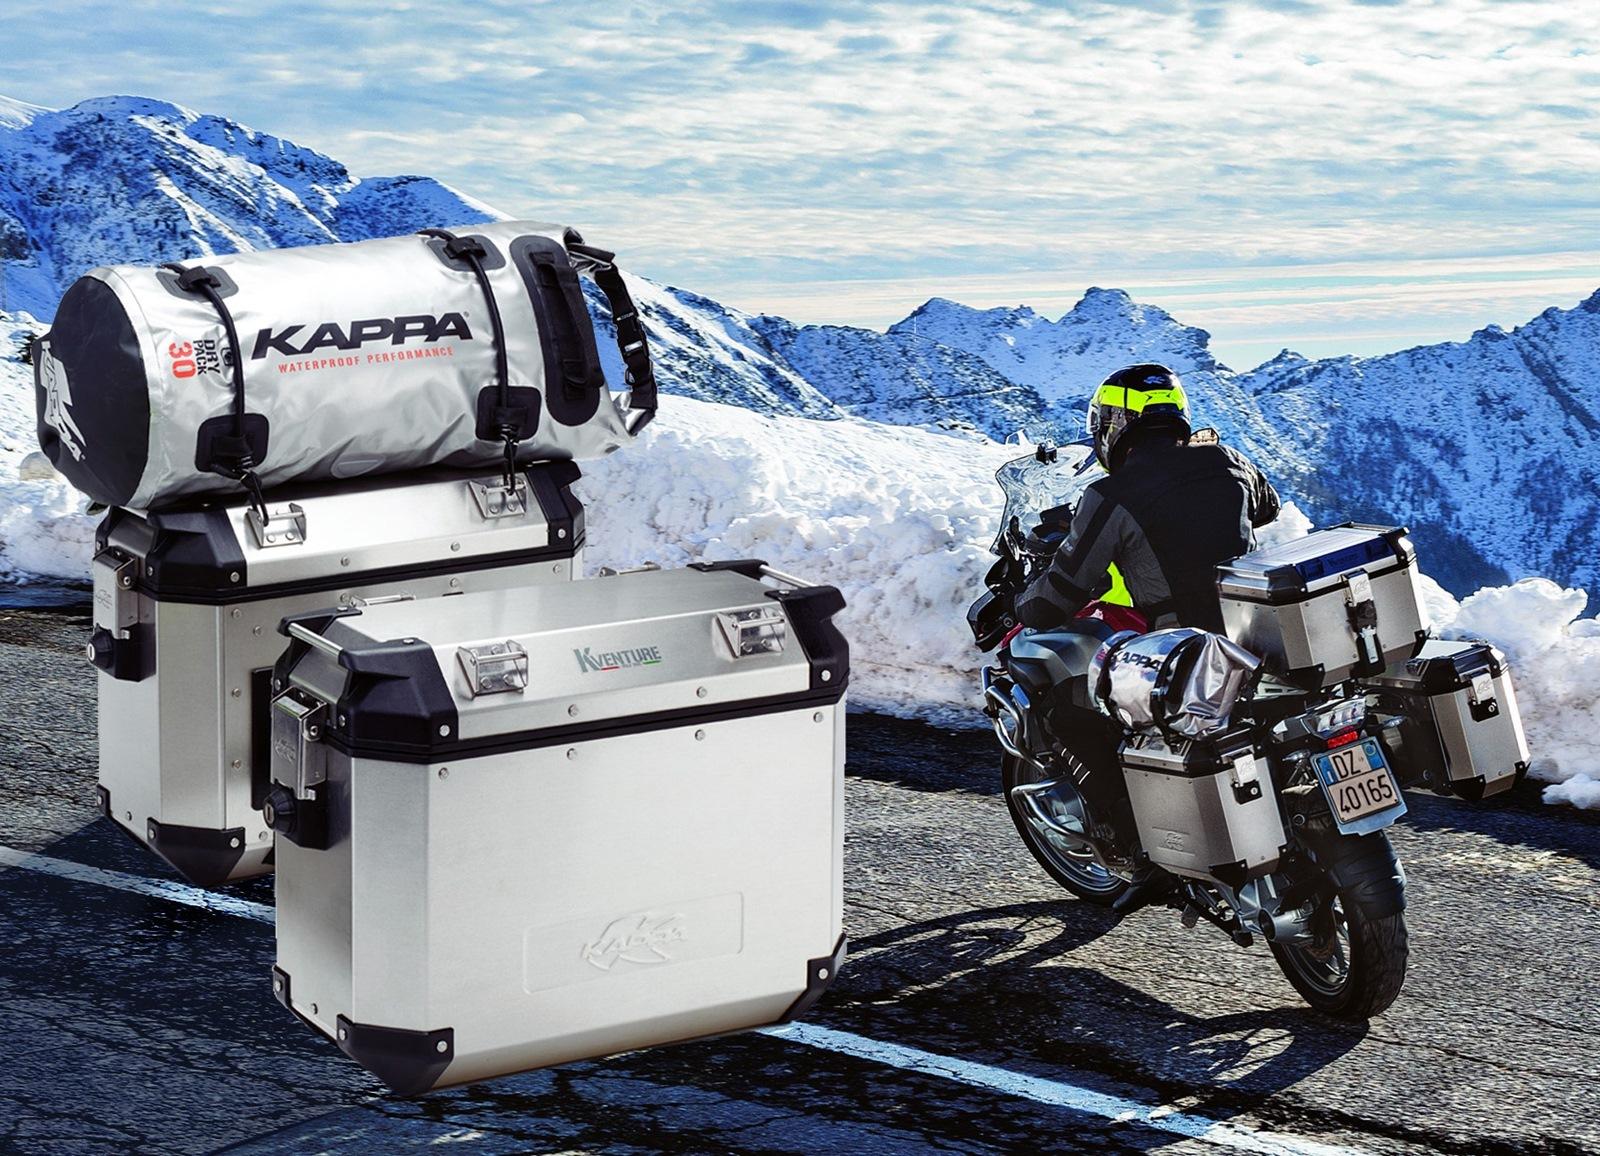 Kappa K-Venture, maletas de alumino